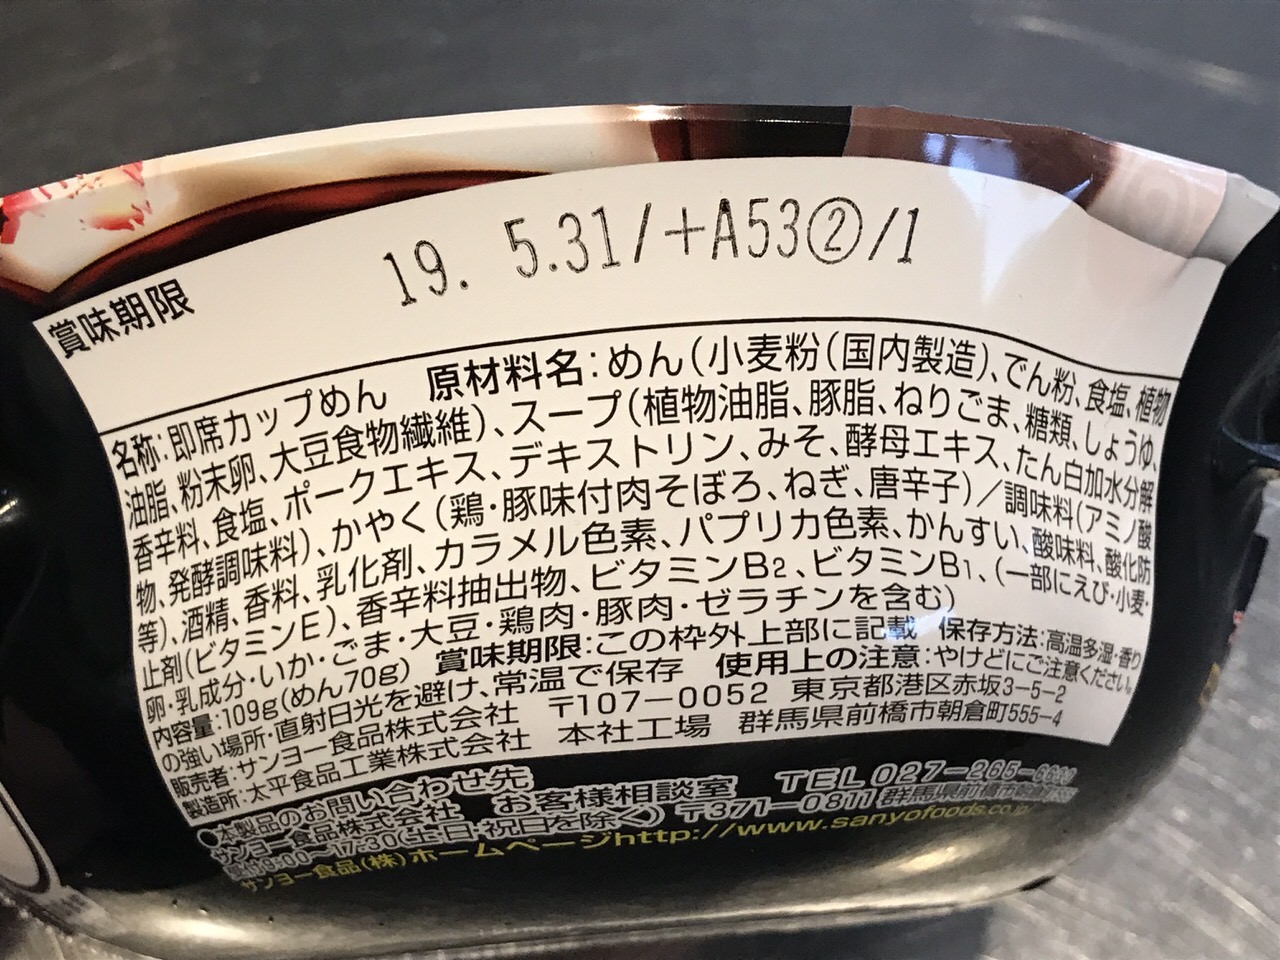 ファイヤーホール4000 菰田欣也シェフ監修 四川汁なし担担麺 03